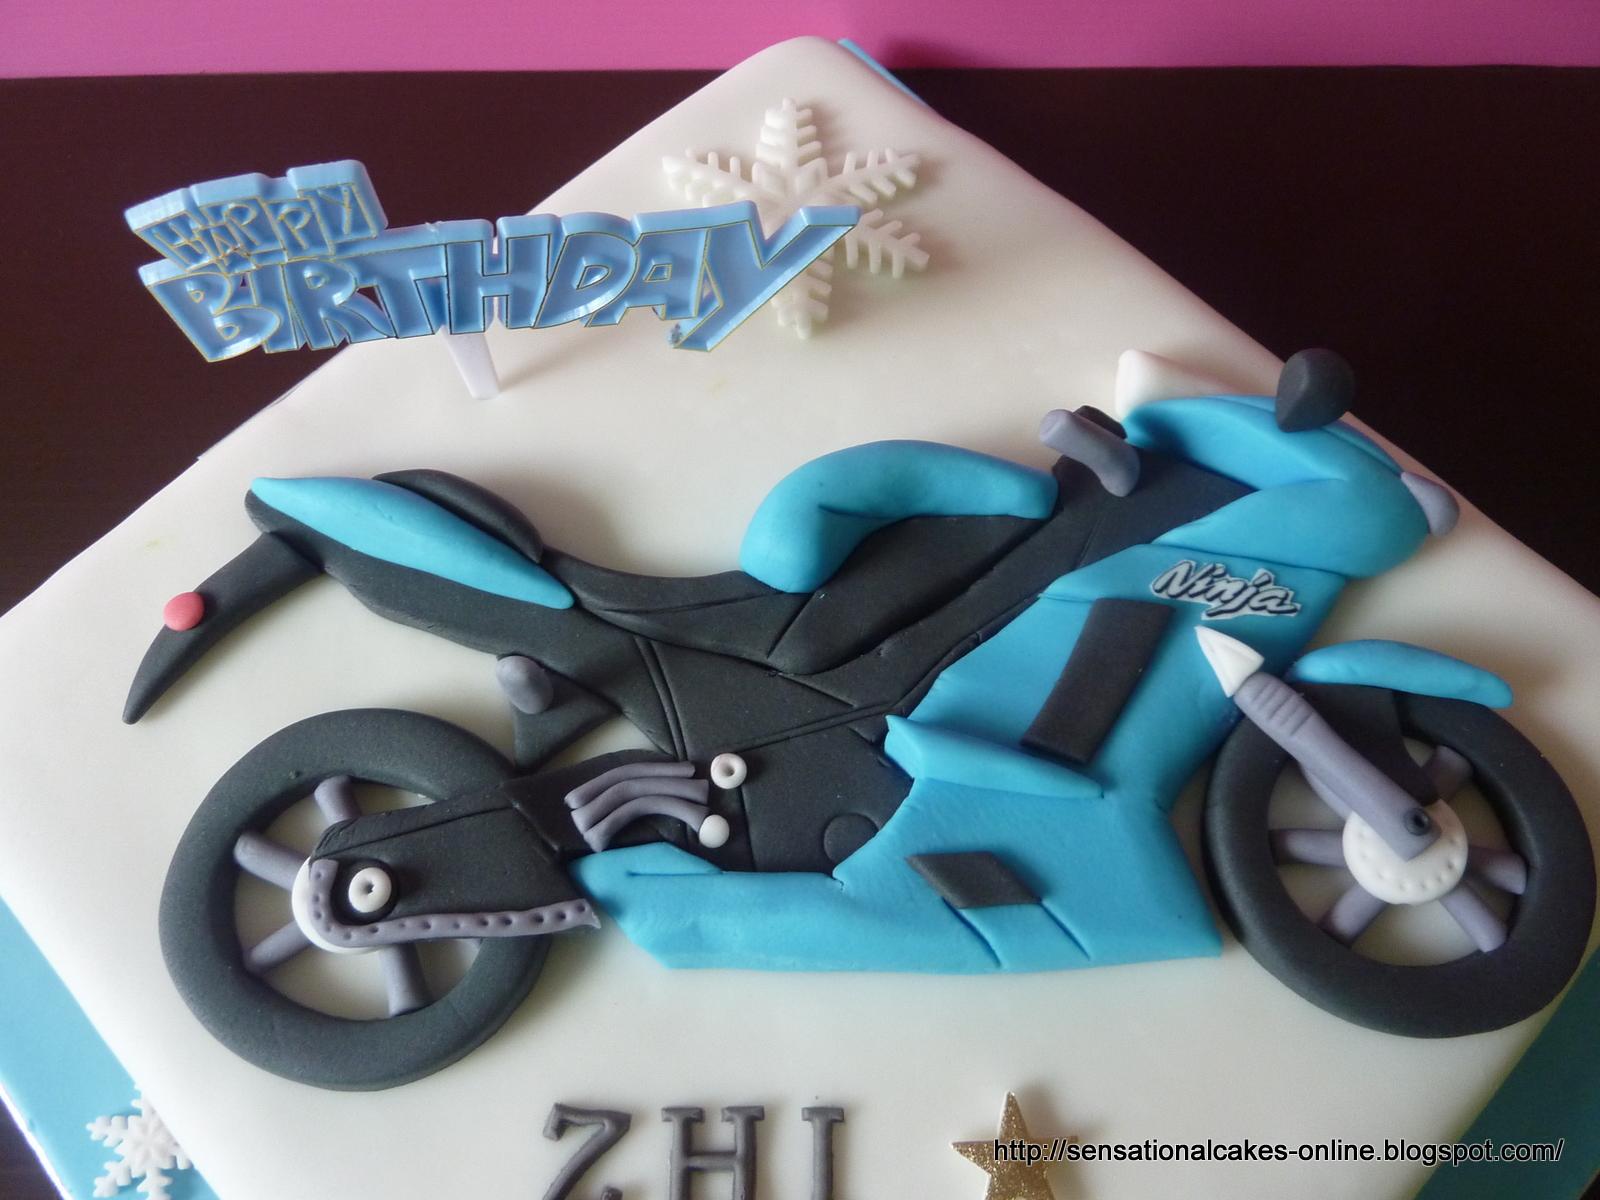 The Sensational Cakes Kawasaki Ninja Motorbike Theme Cake Singapore